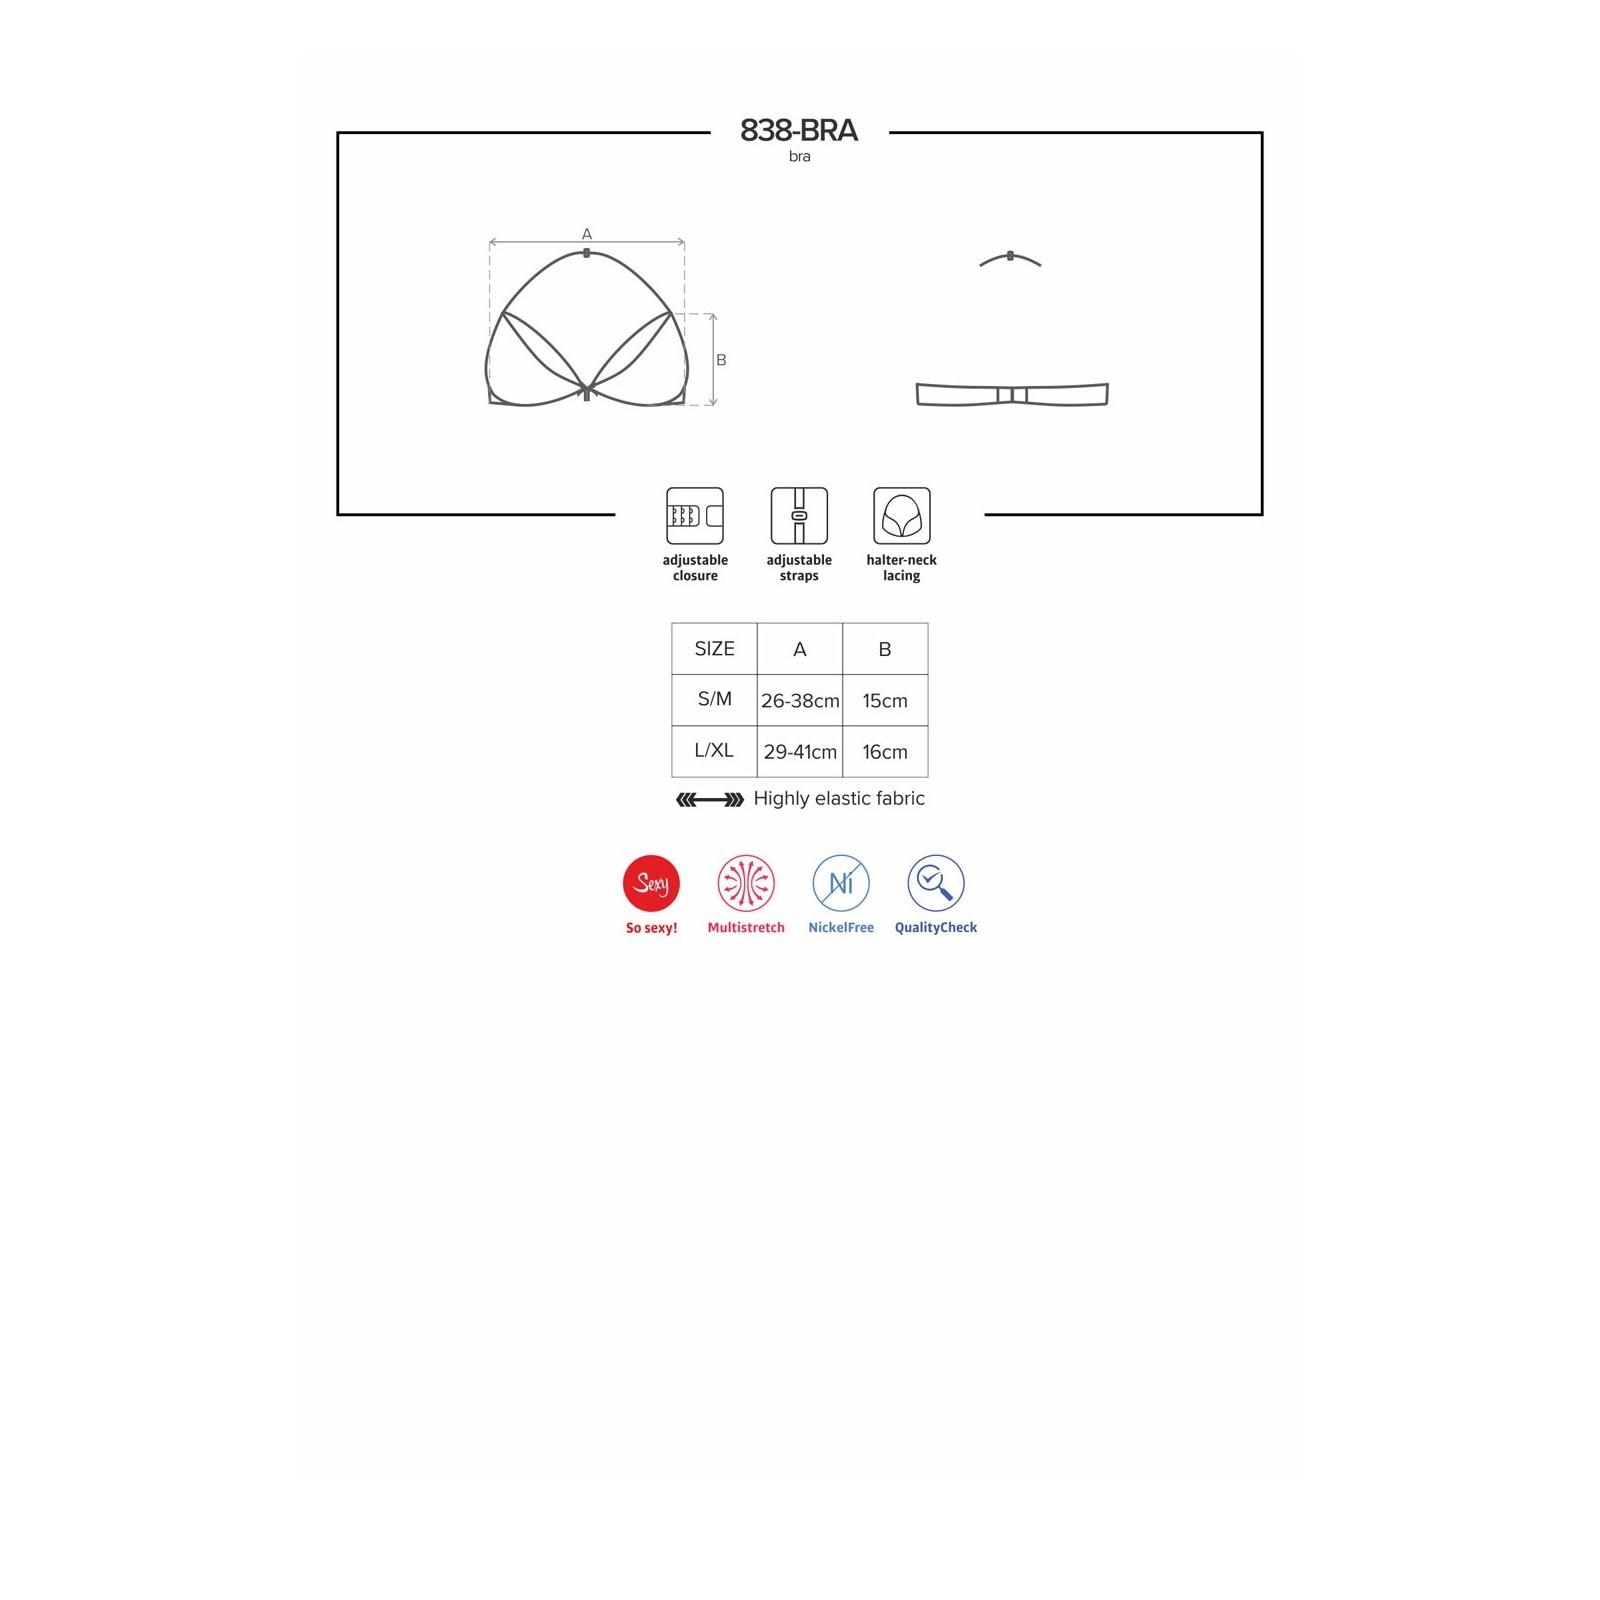 838-BRA-3 BH rot - 6 - Vorschaubild